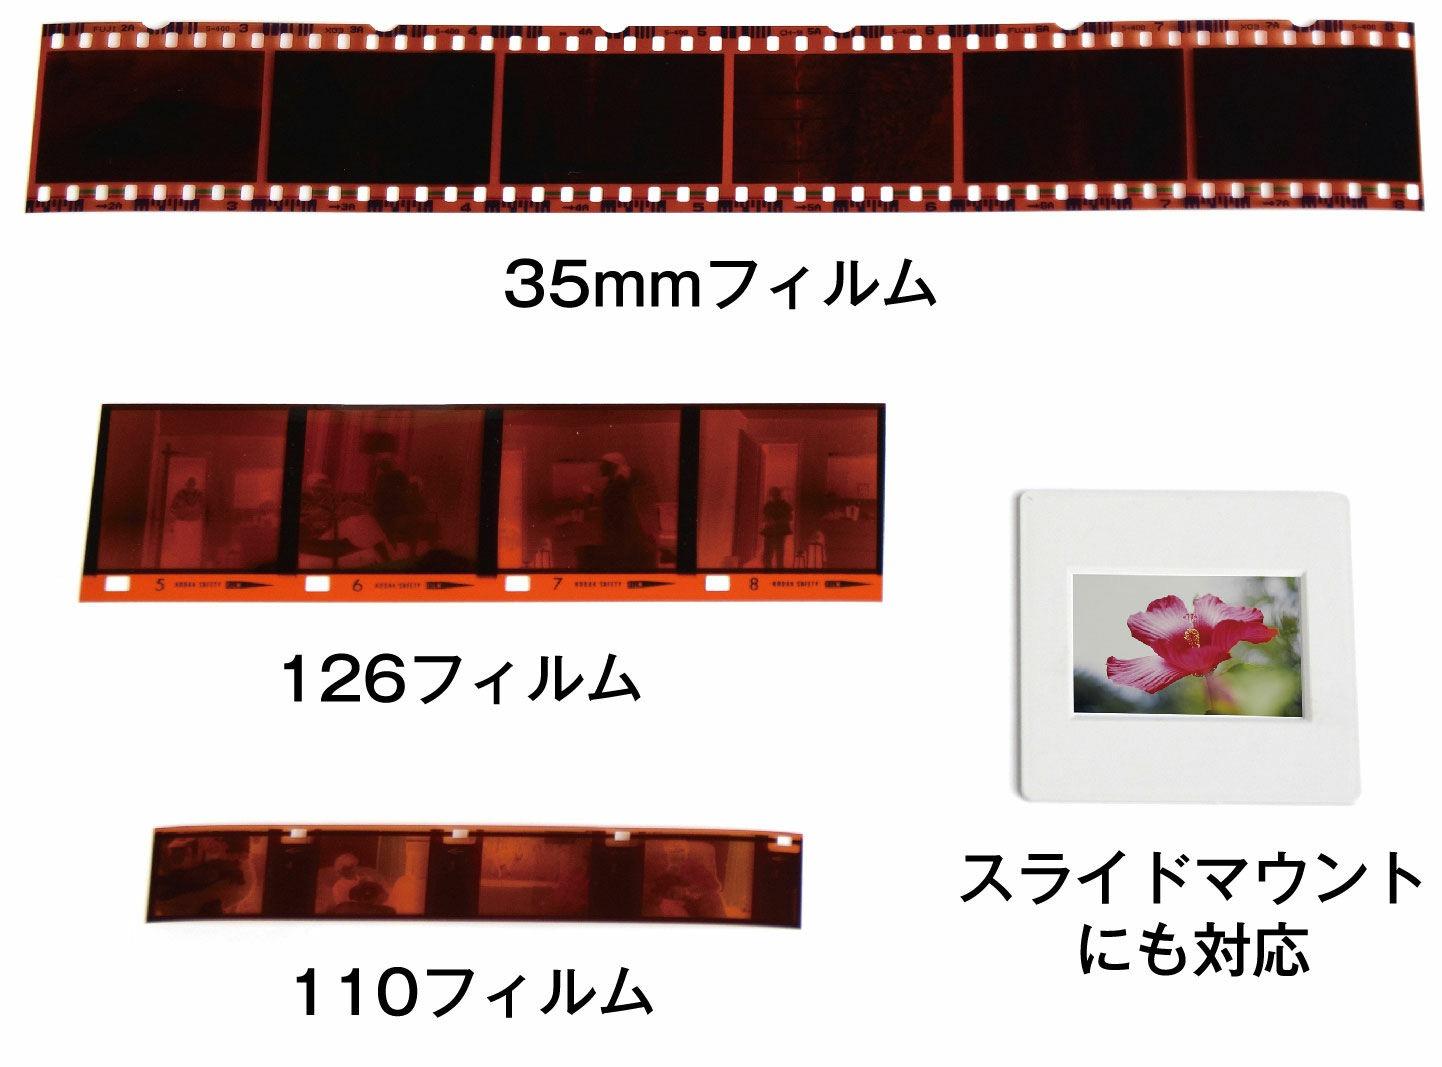 フィルムスキャナー 簡単